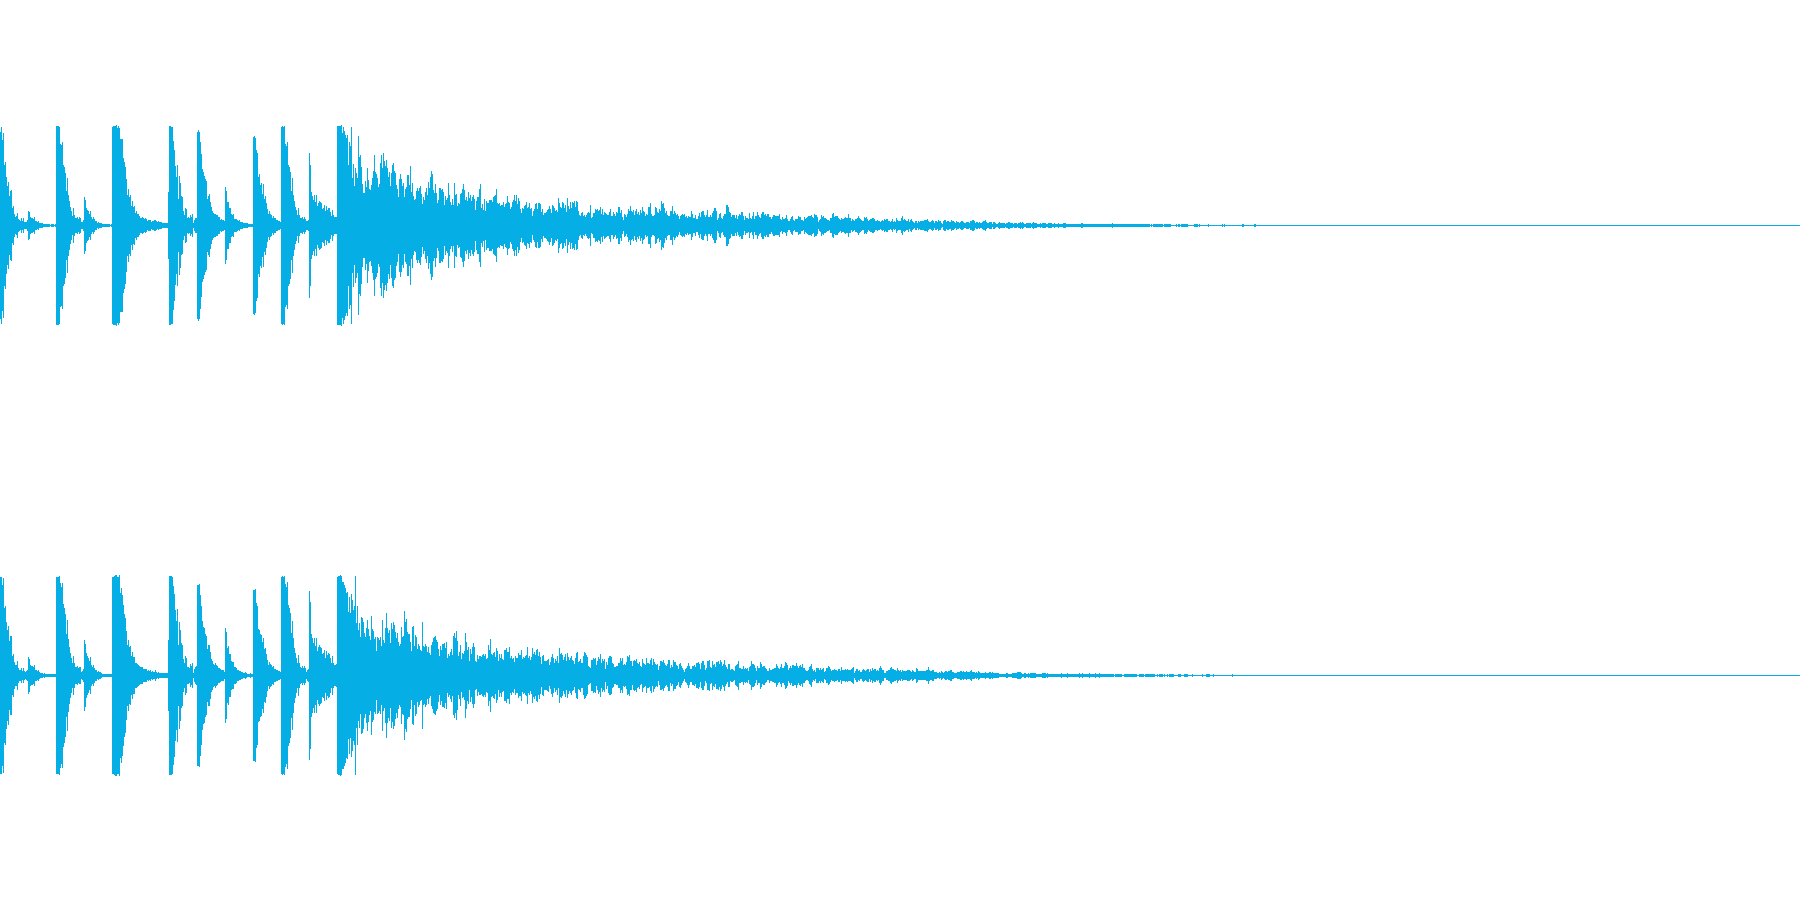 定番リズムの最後に衝撃!の再生済みの波形